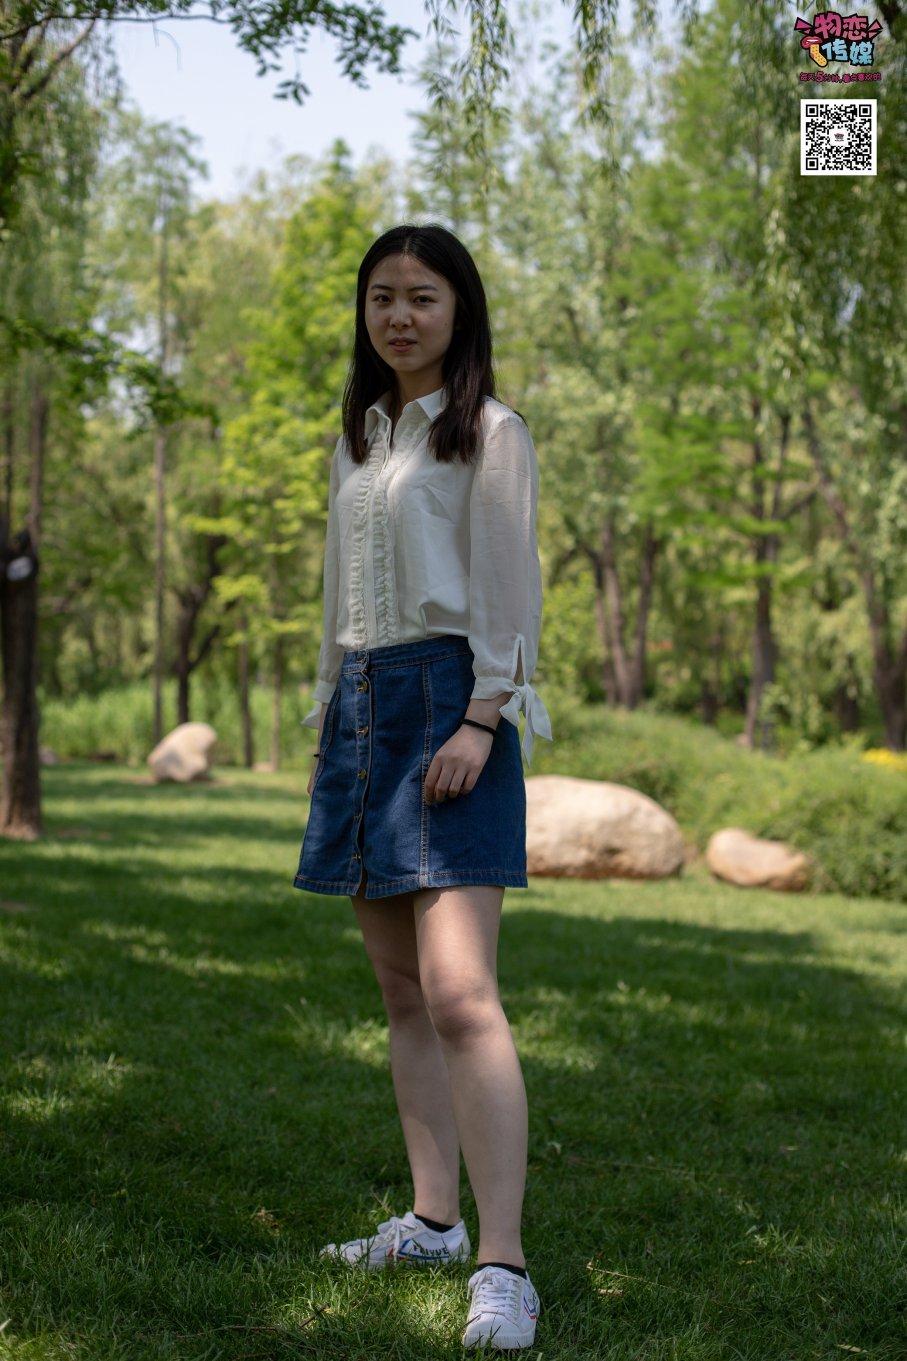 009期:小南-懵懂的大一女生(帆布鞋、棉袜、裸足)